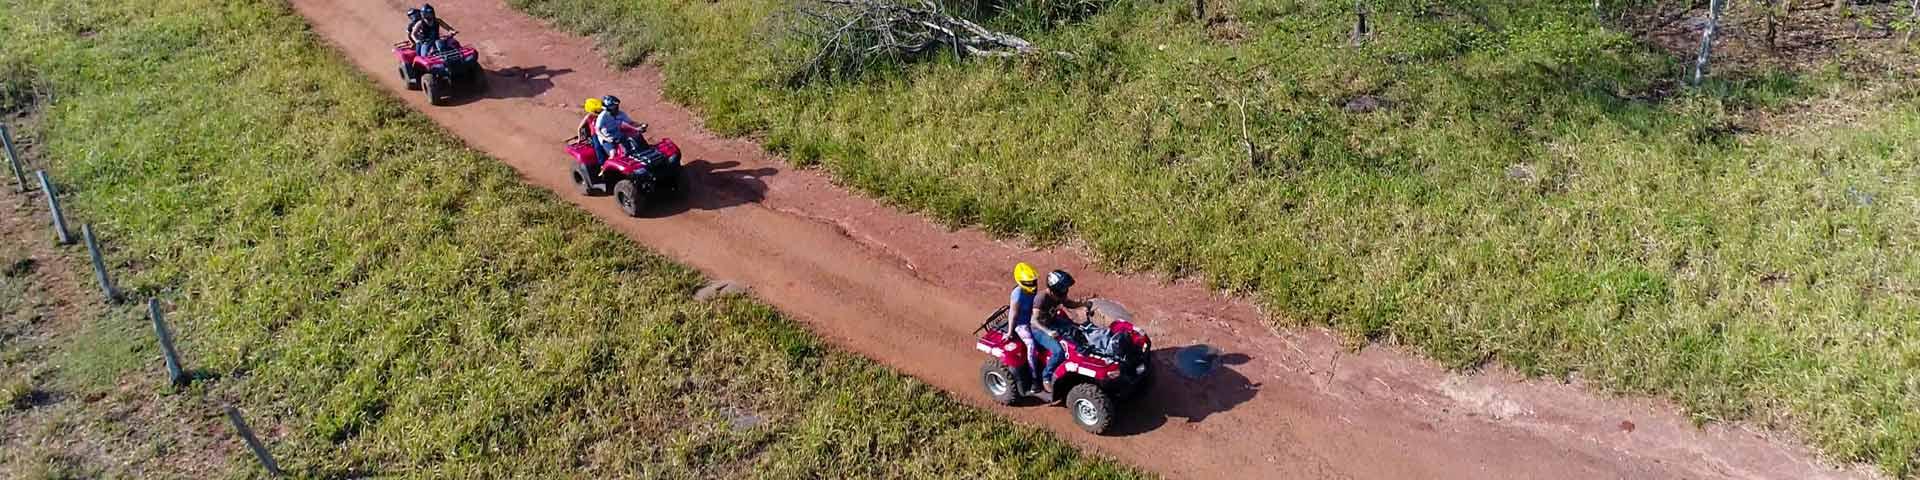 trilha-boiadeira-quadriciclo-Bonitour-Passeios-em-Bonito-MS-380721_2073.jpg